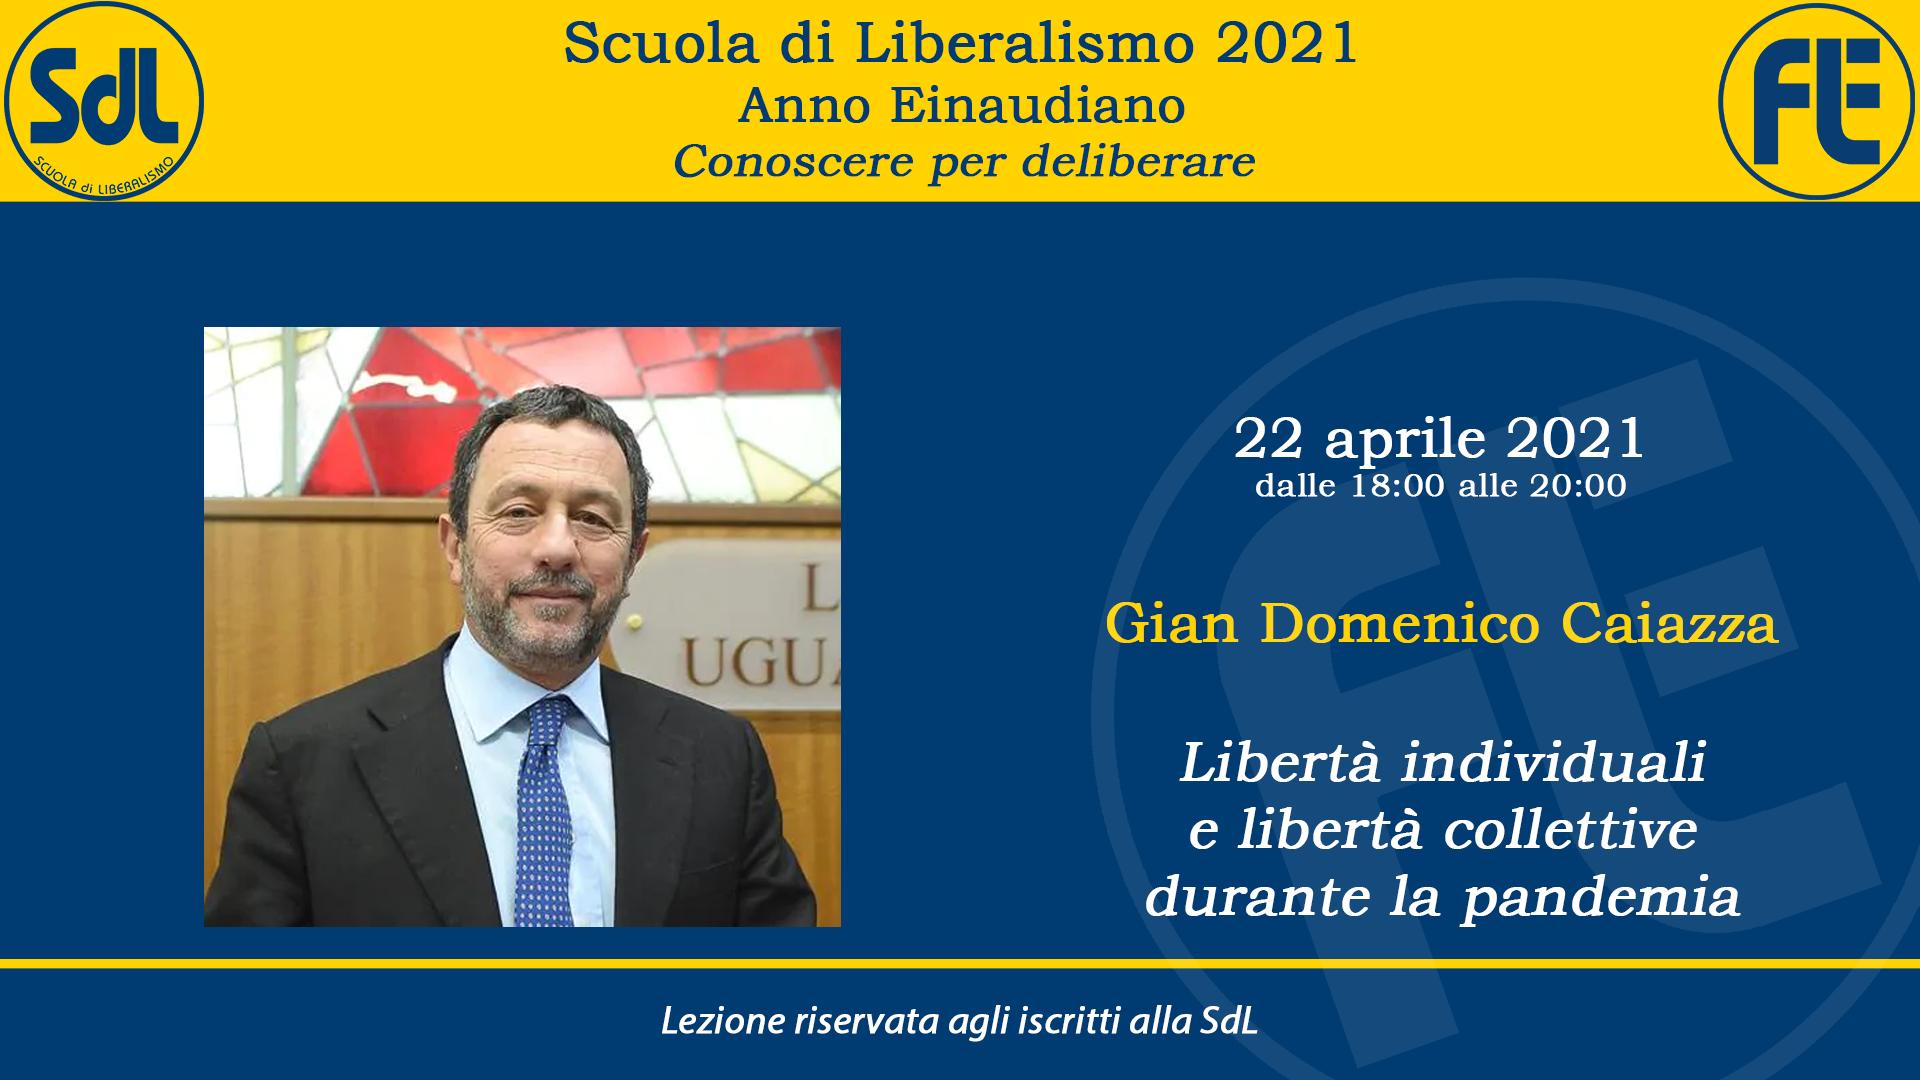 Scuola di Liberalismo 2021: 22 aprile lezione di Gian Domenico Caiazza